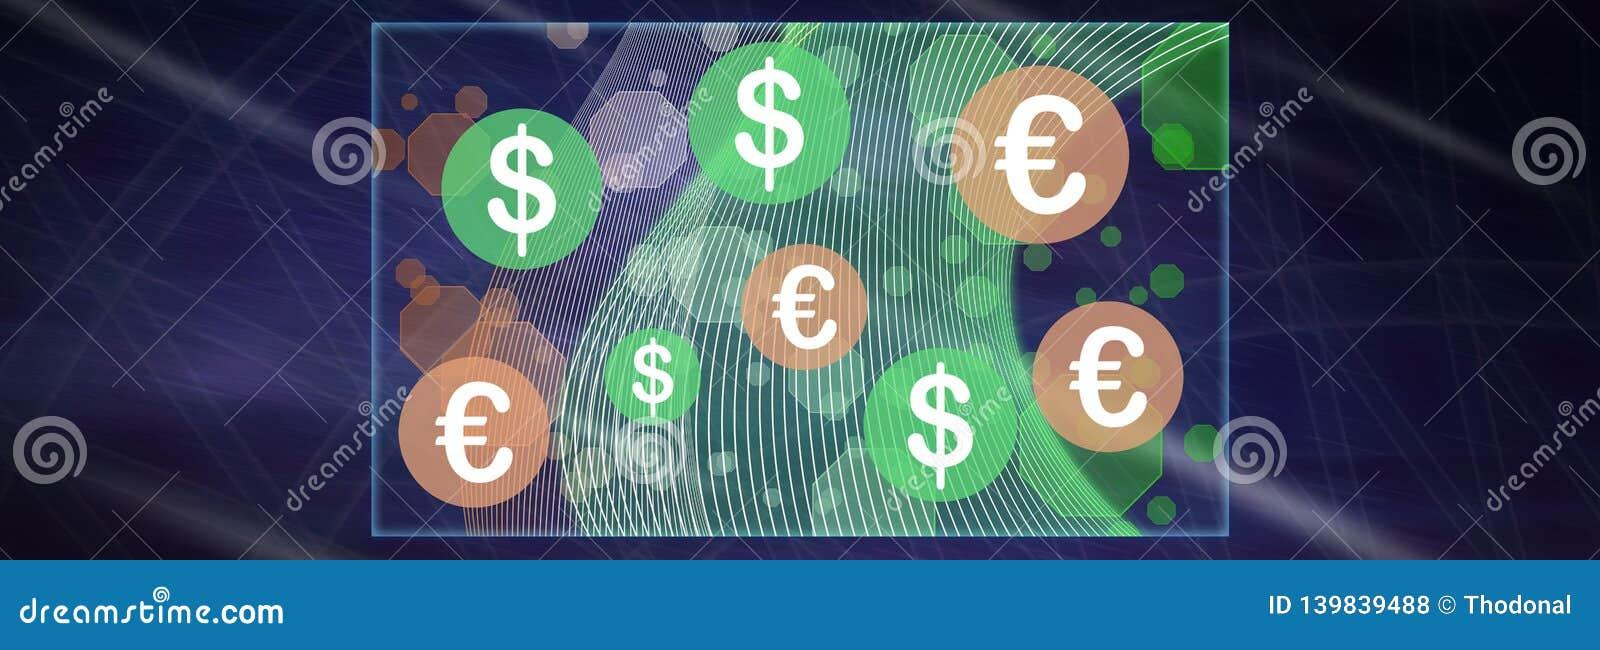 Pojęcie wymiana walut